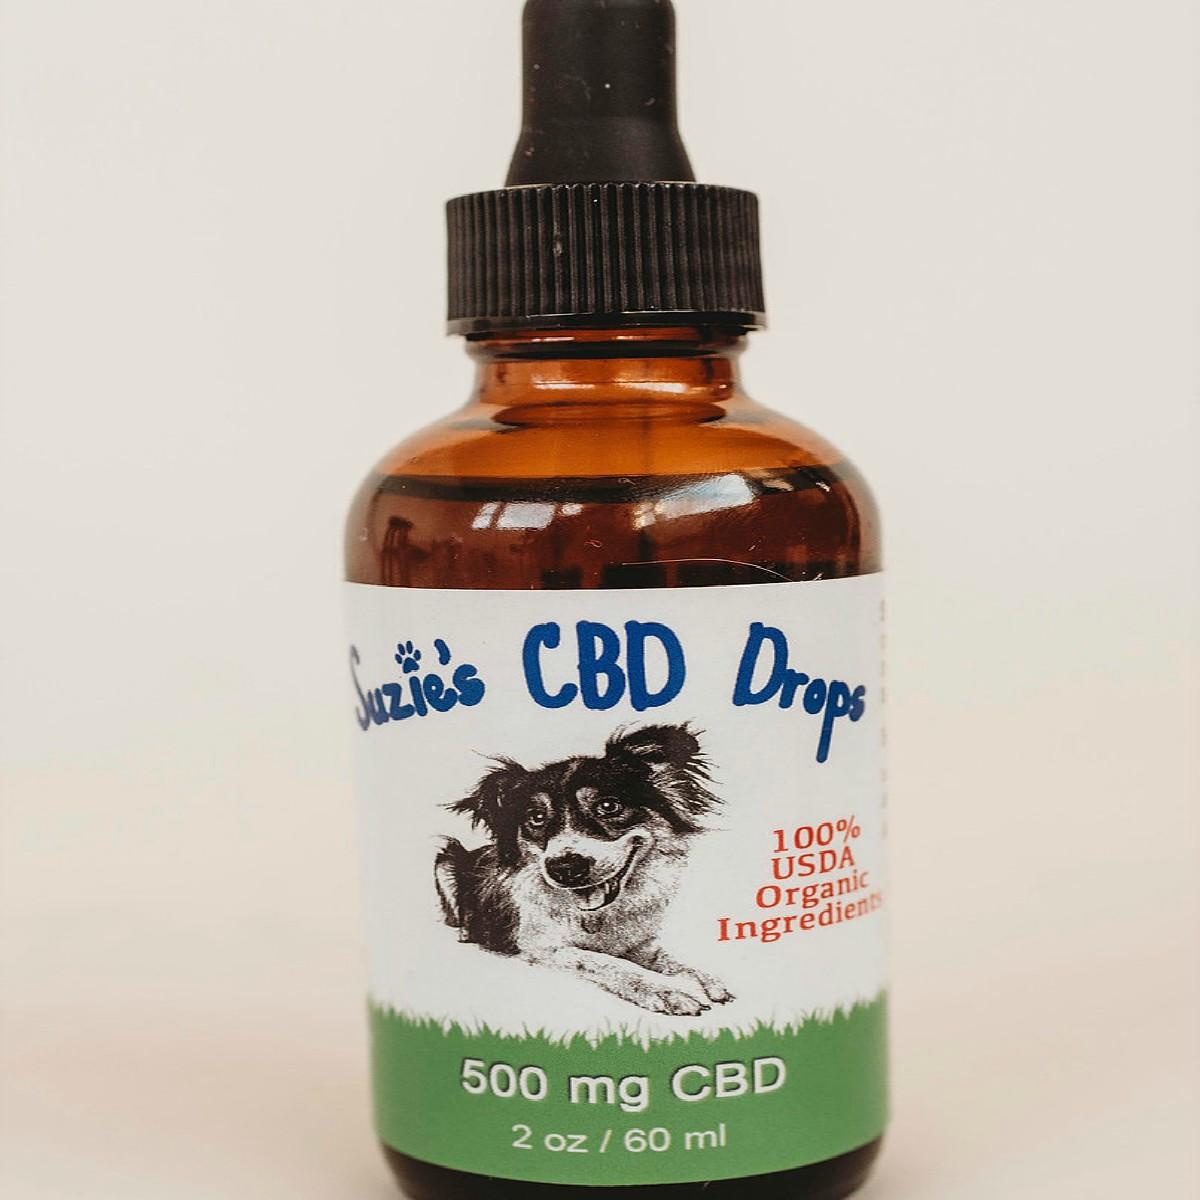 Suzie's ORGANIC CBD Pet Drops 500 mg